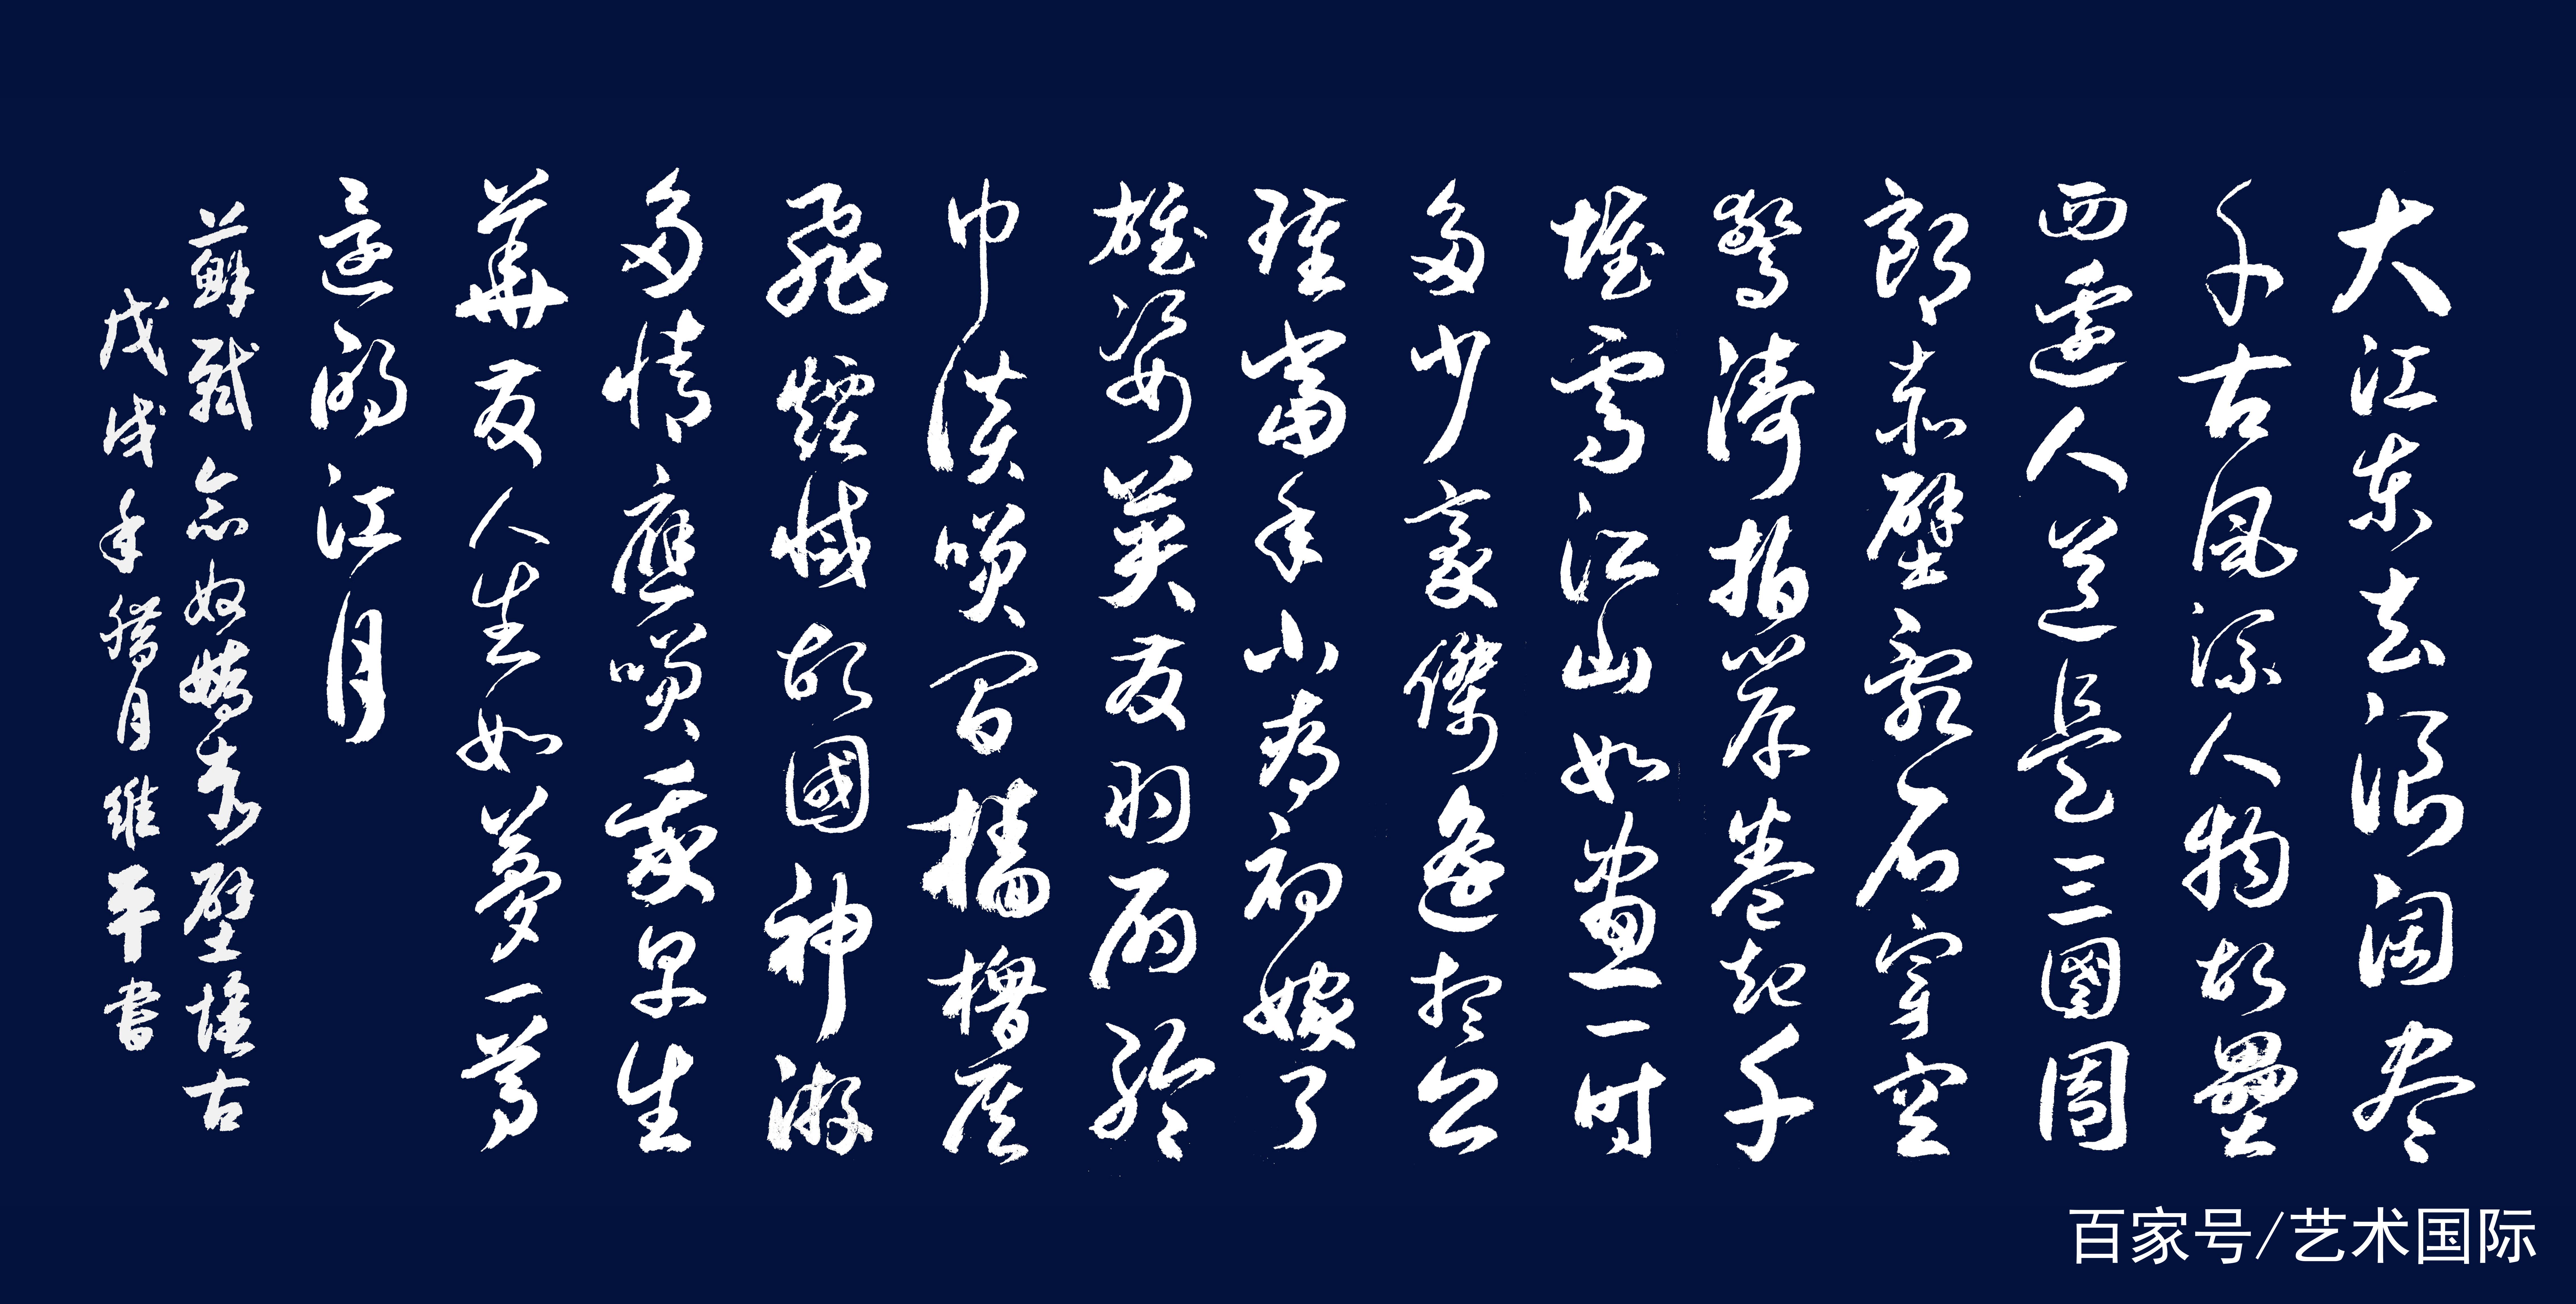 胡维平草书创作 苏东坡《念奴娇 赤壁怀古》(2019年2月)